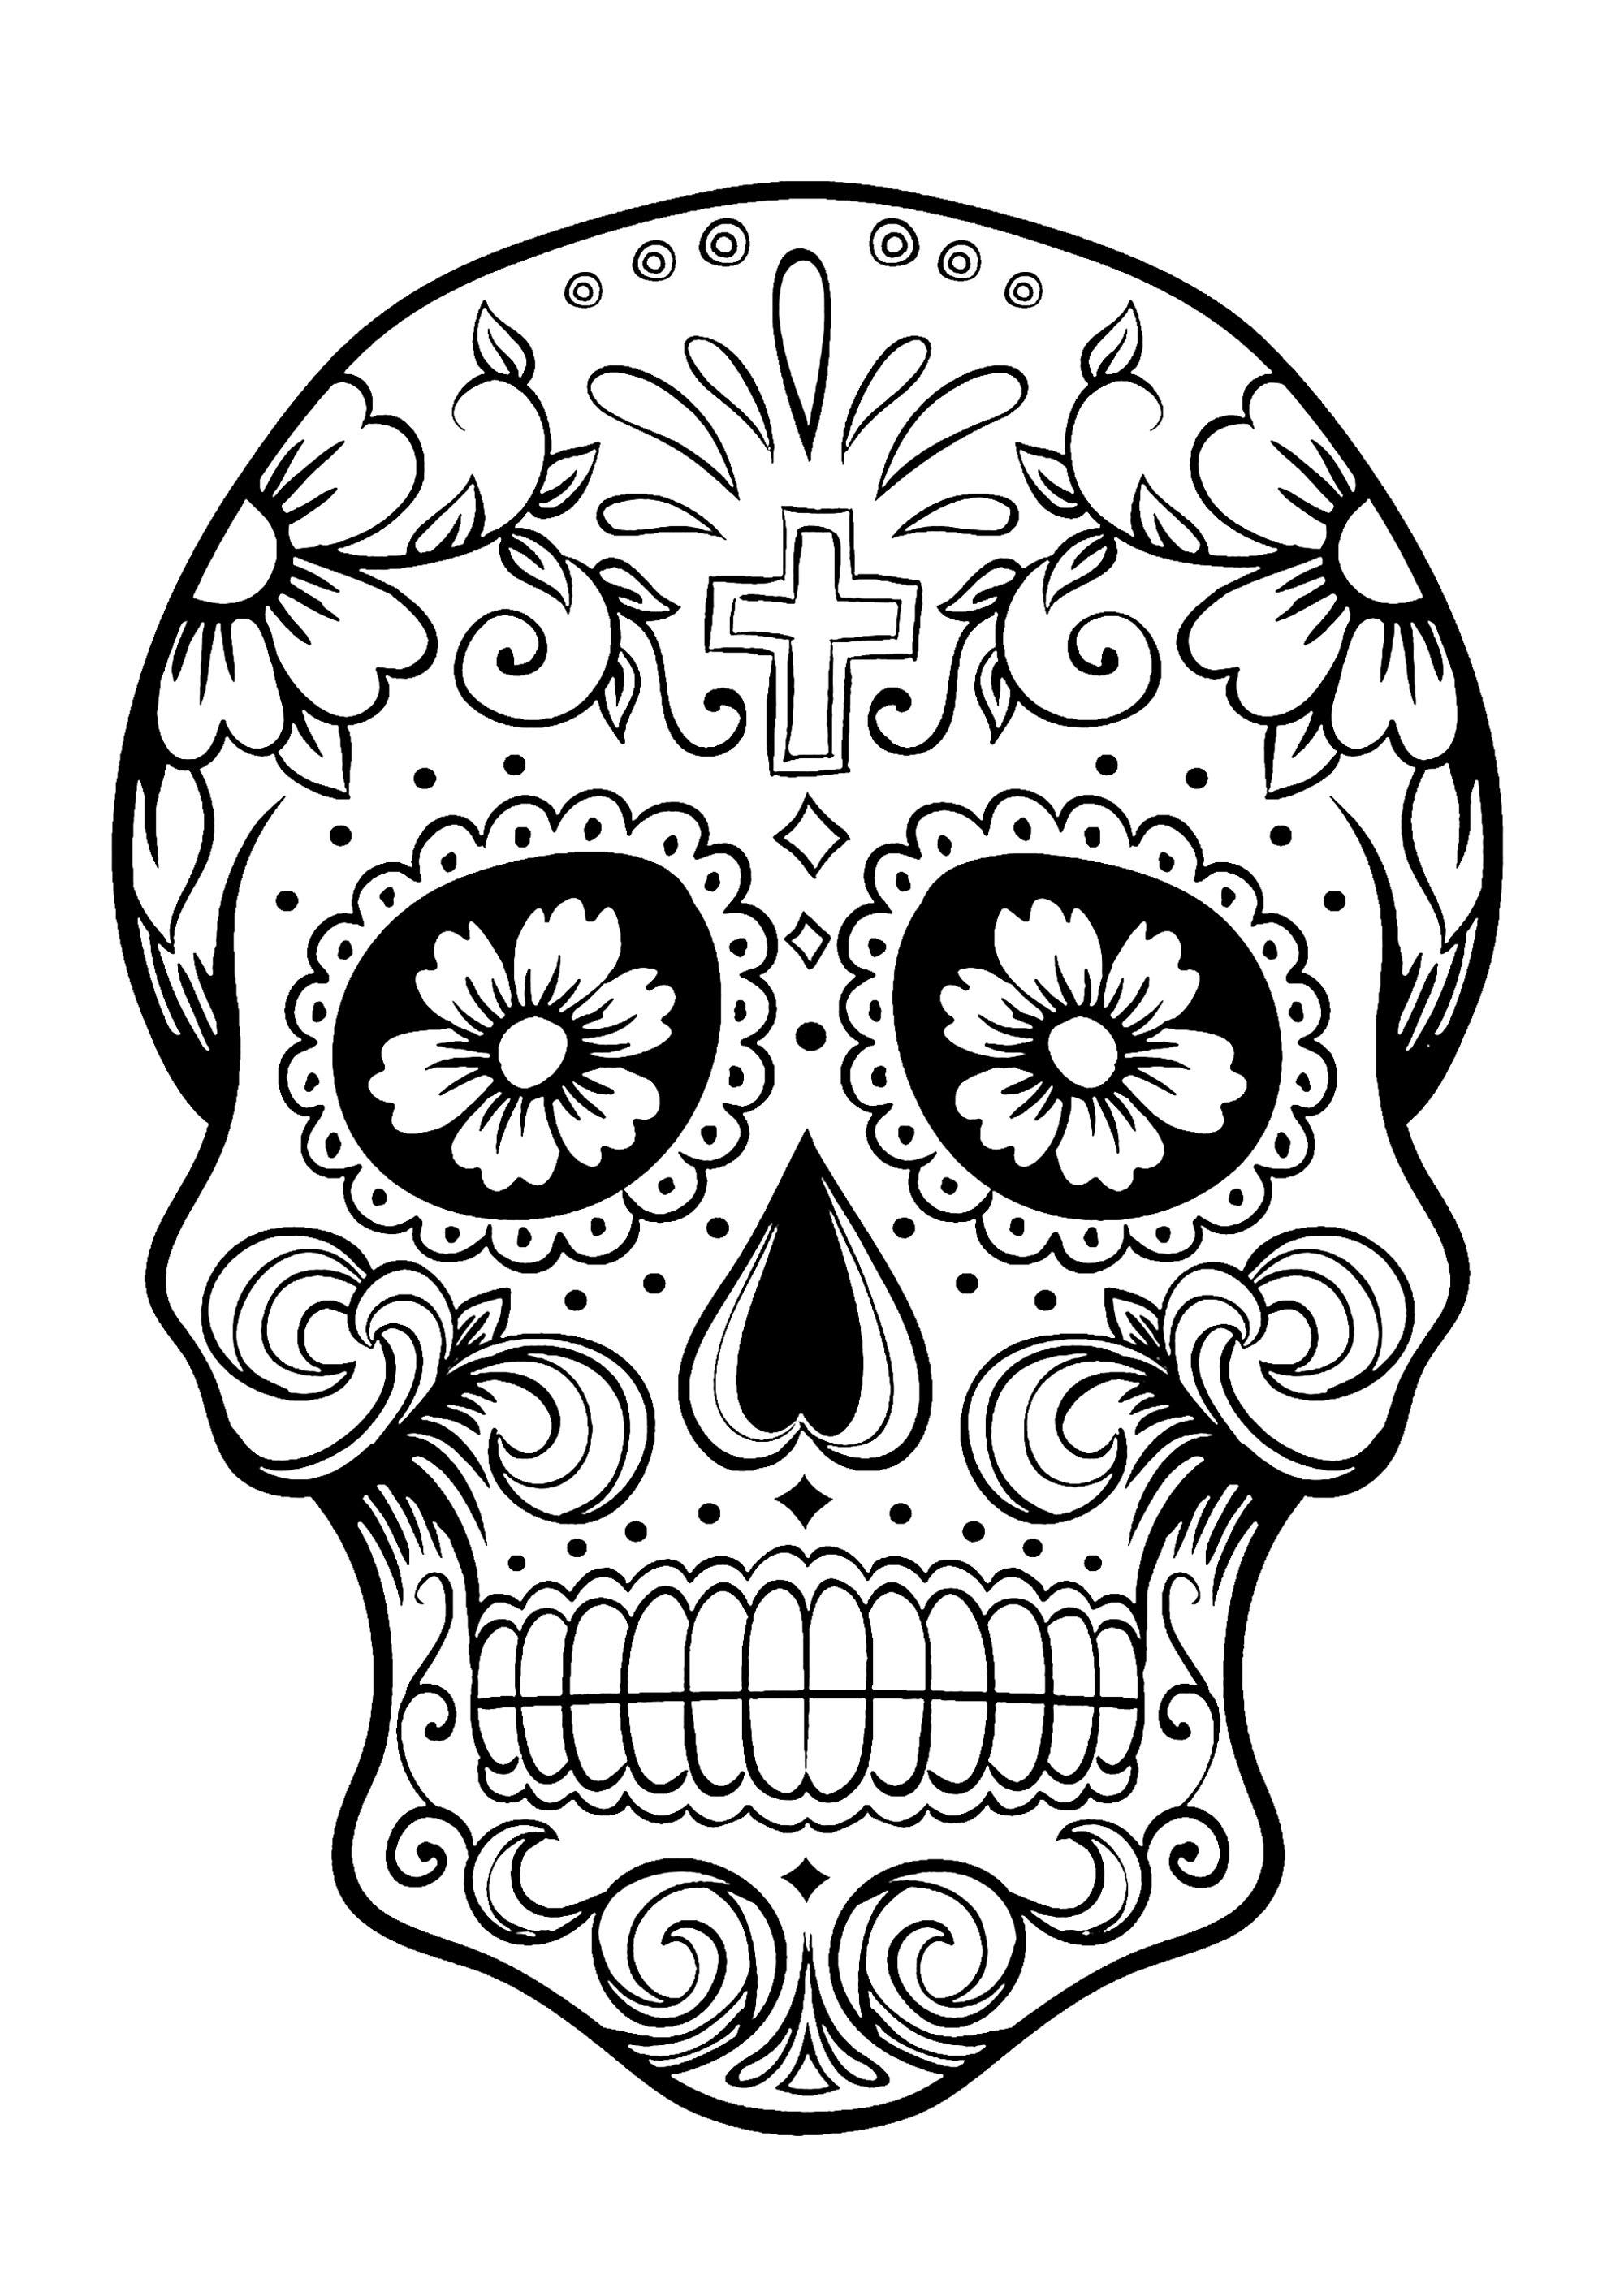 Disegni da colorare per adulti : El Dia De Los Muertos - 3